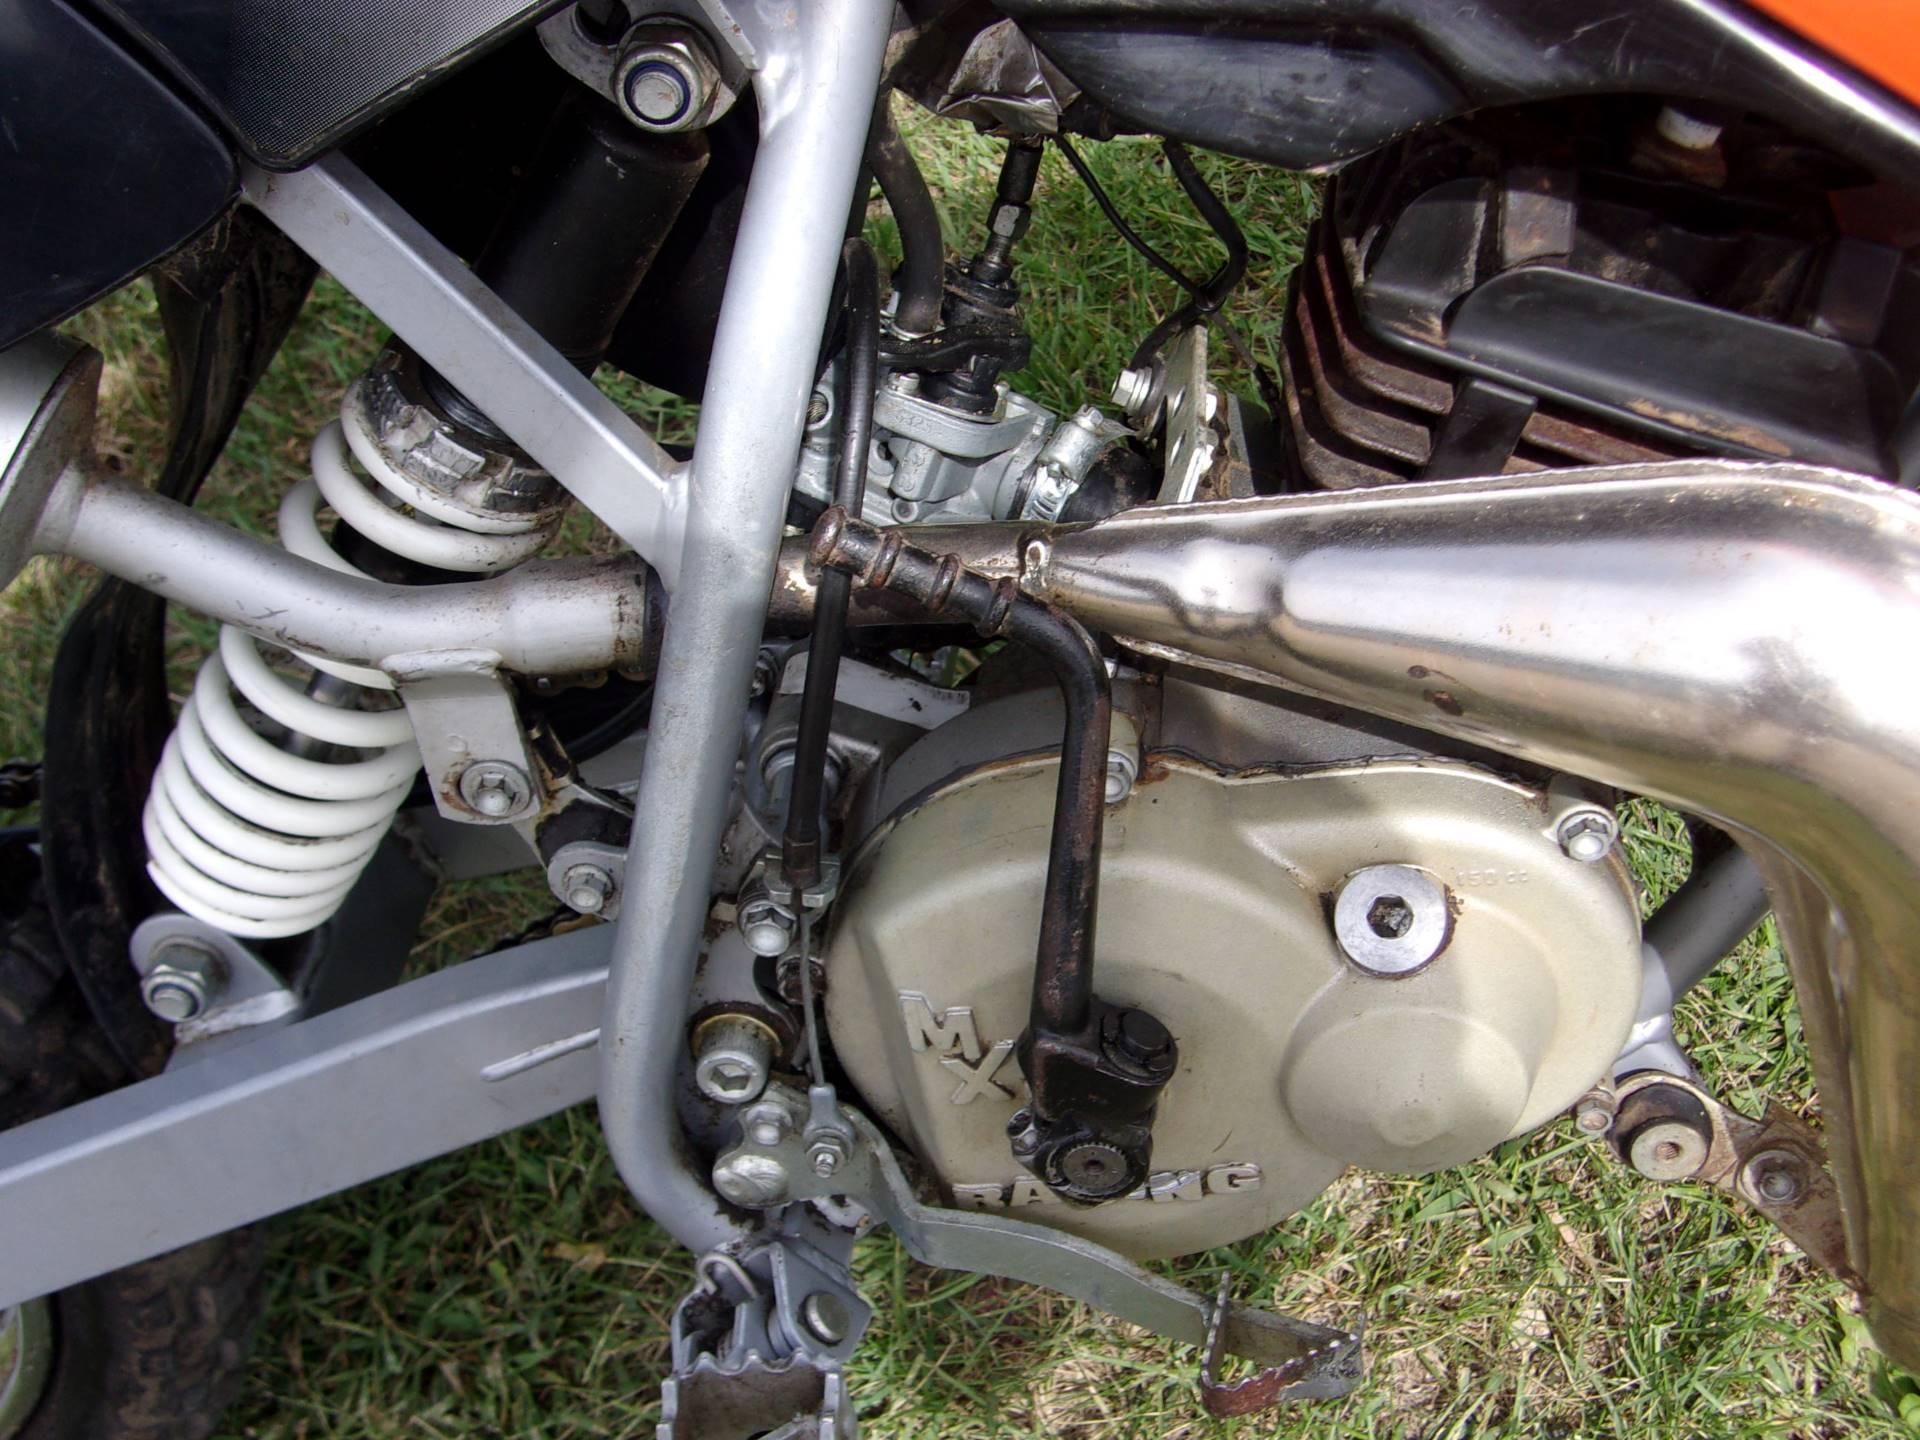 2002 KTM 50 SR Adventure in Mukwonago, Wisconsin